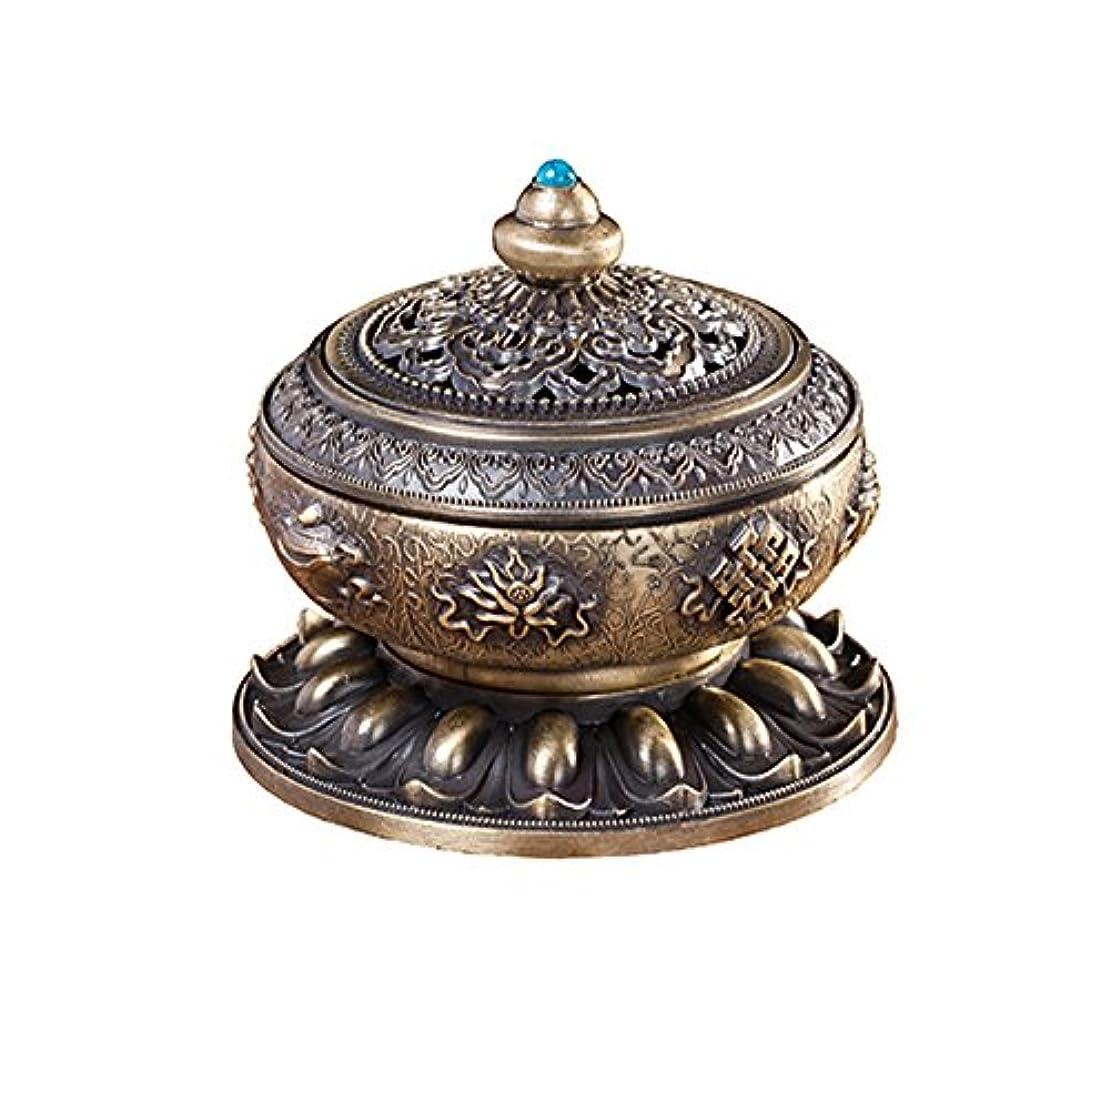 チャネルバッググリルBUYSEEY 家用 アロマ香炉 青銅 ブロンズ 丸香炉 お香立て 渦巻き線香 などに 香立て付き (S)